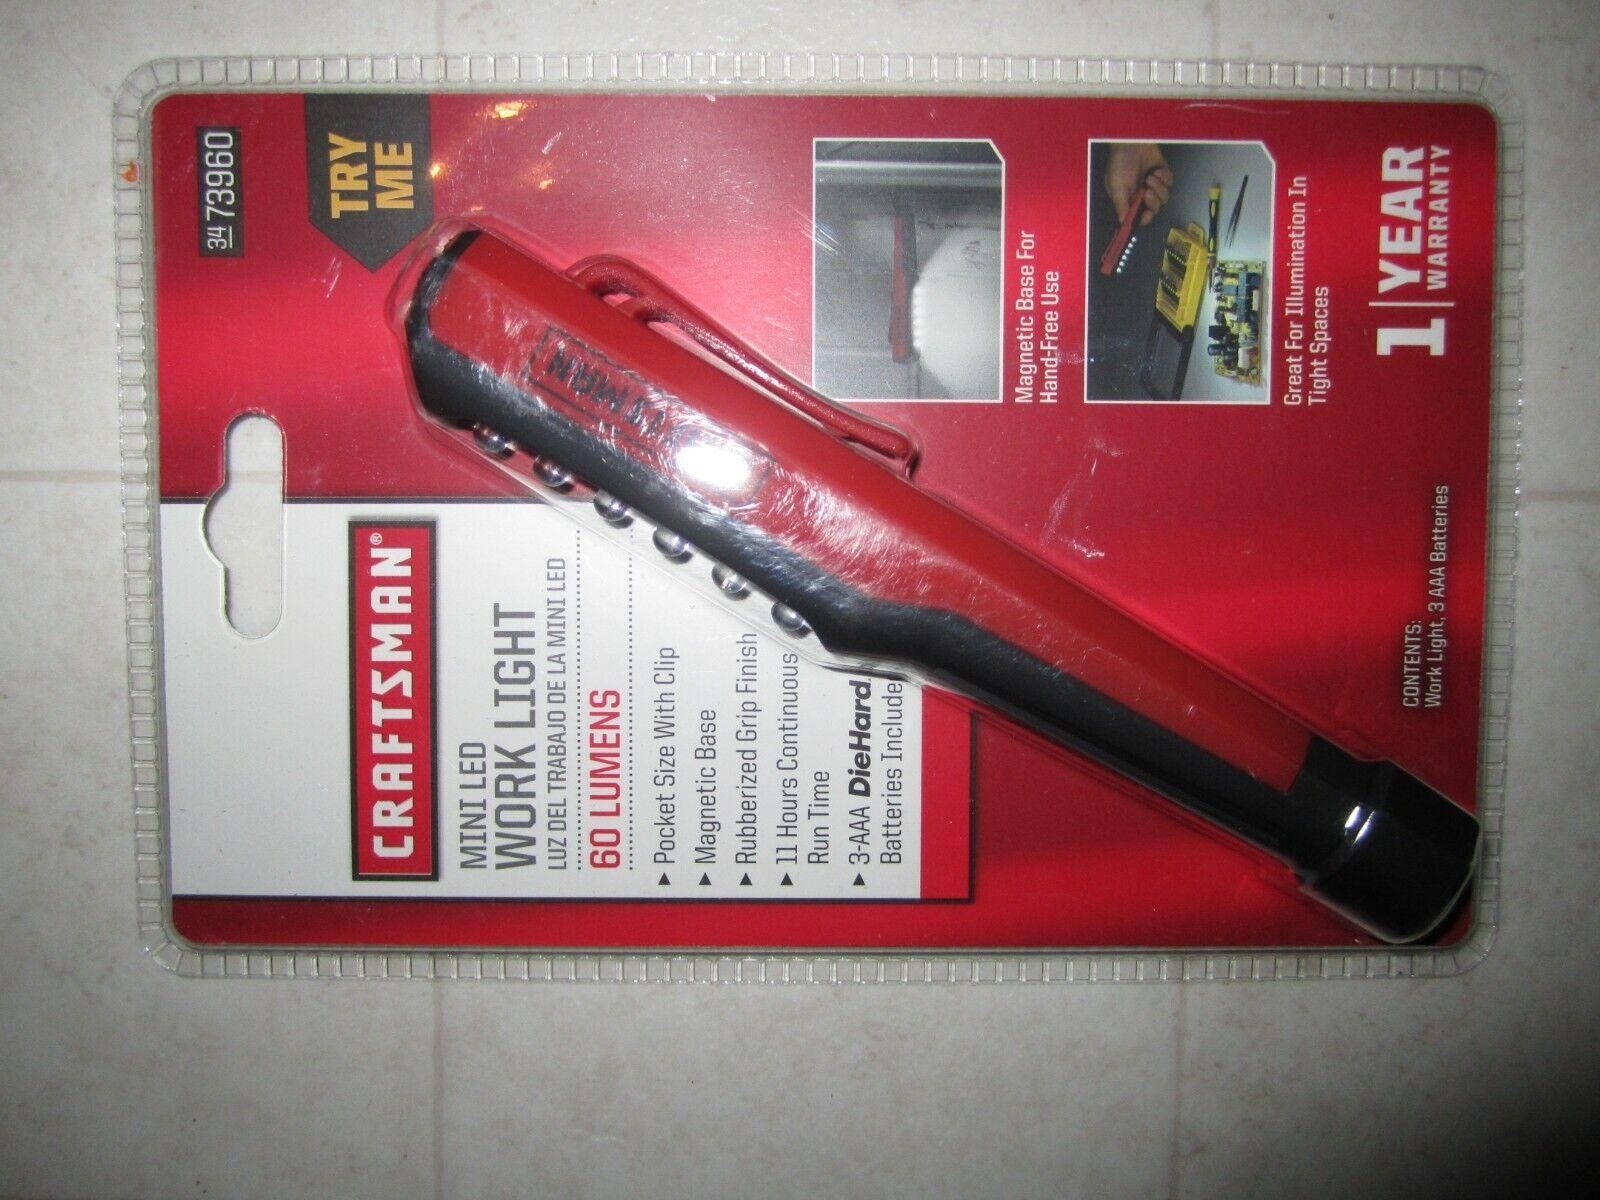 Craftsman Led Pocket Light Red  NEW